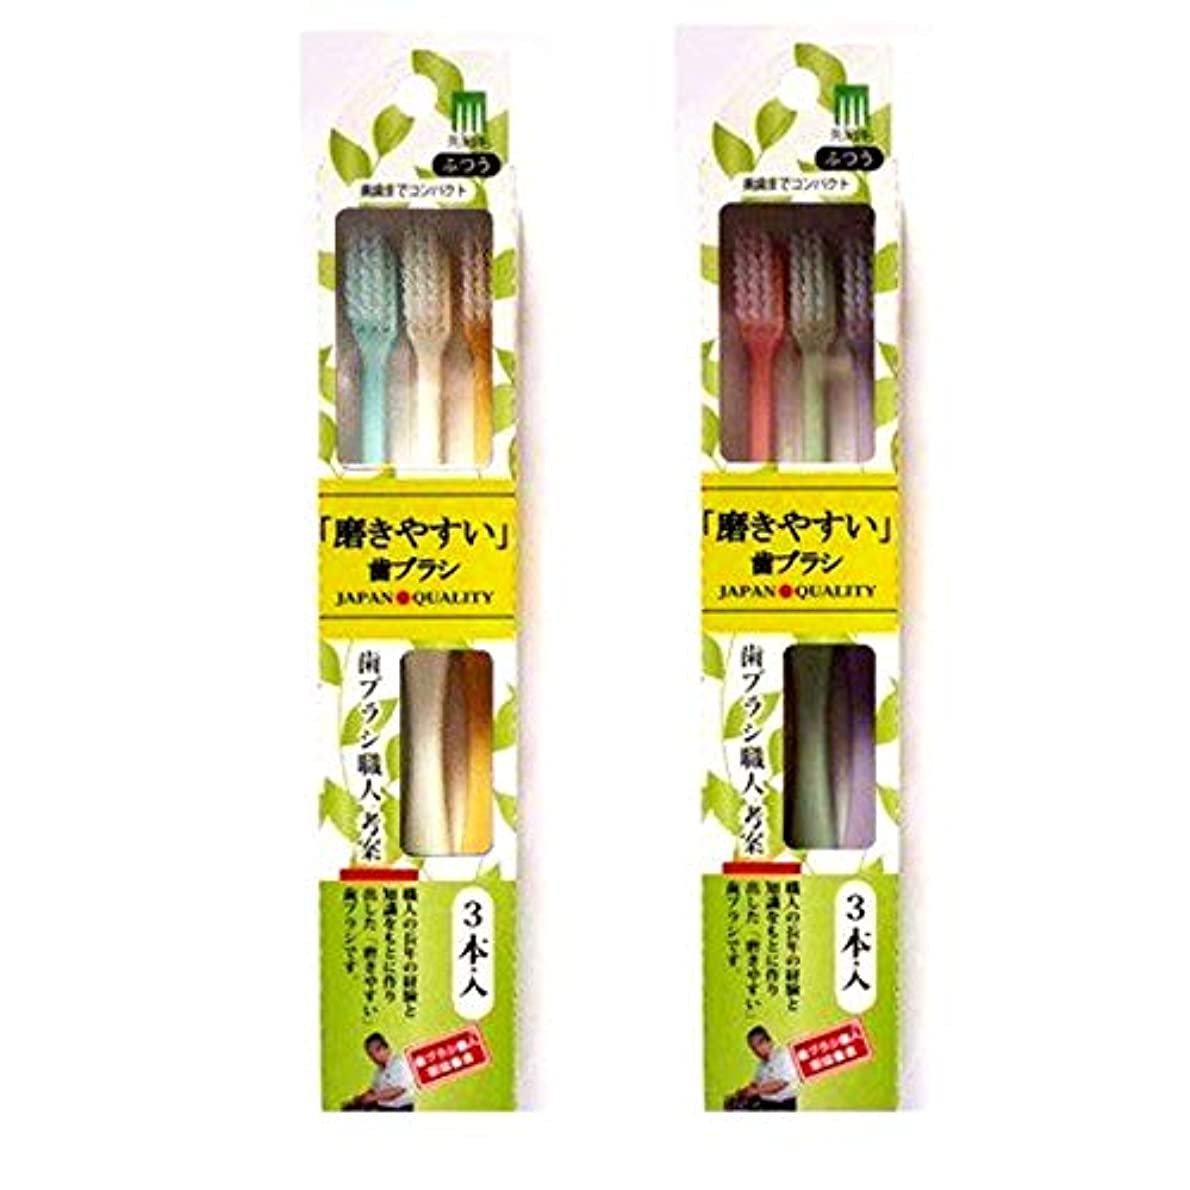 学校教育エチケット紳士磨きやすい歯ブラシ (先細毛) 奥までコンパクト3本組 ELT-1 (色選択不可)